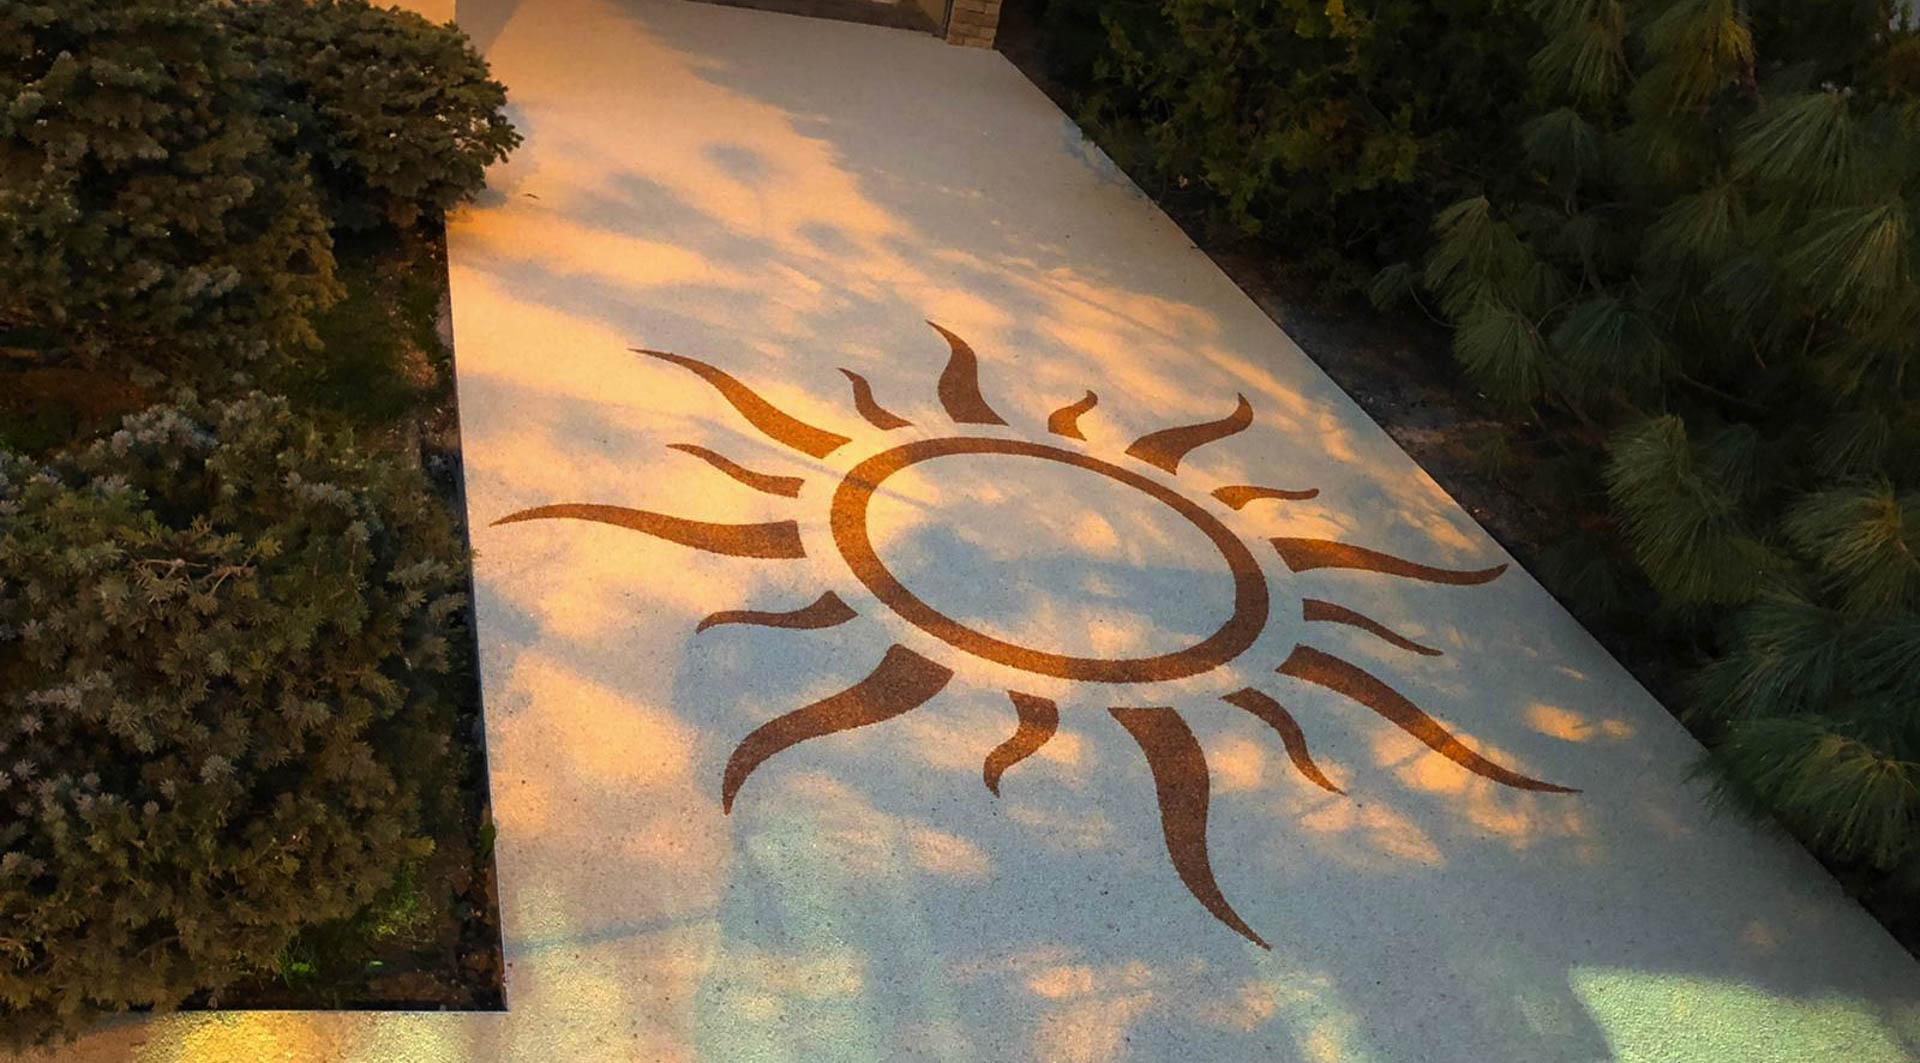 viarustik-stone-carpet-logos&symbols